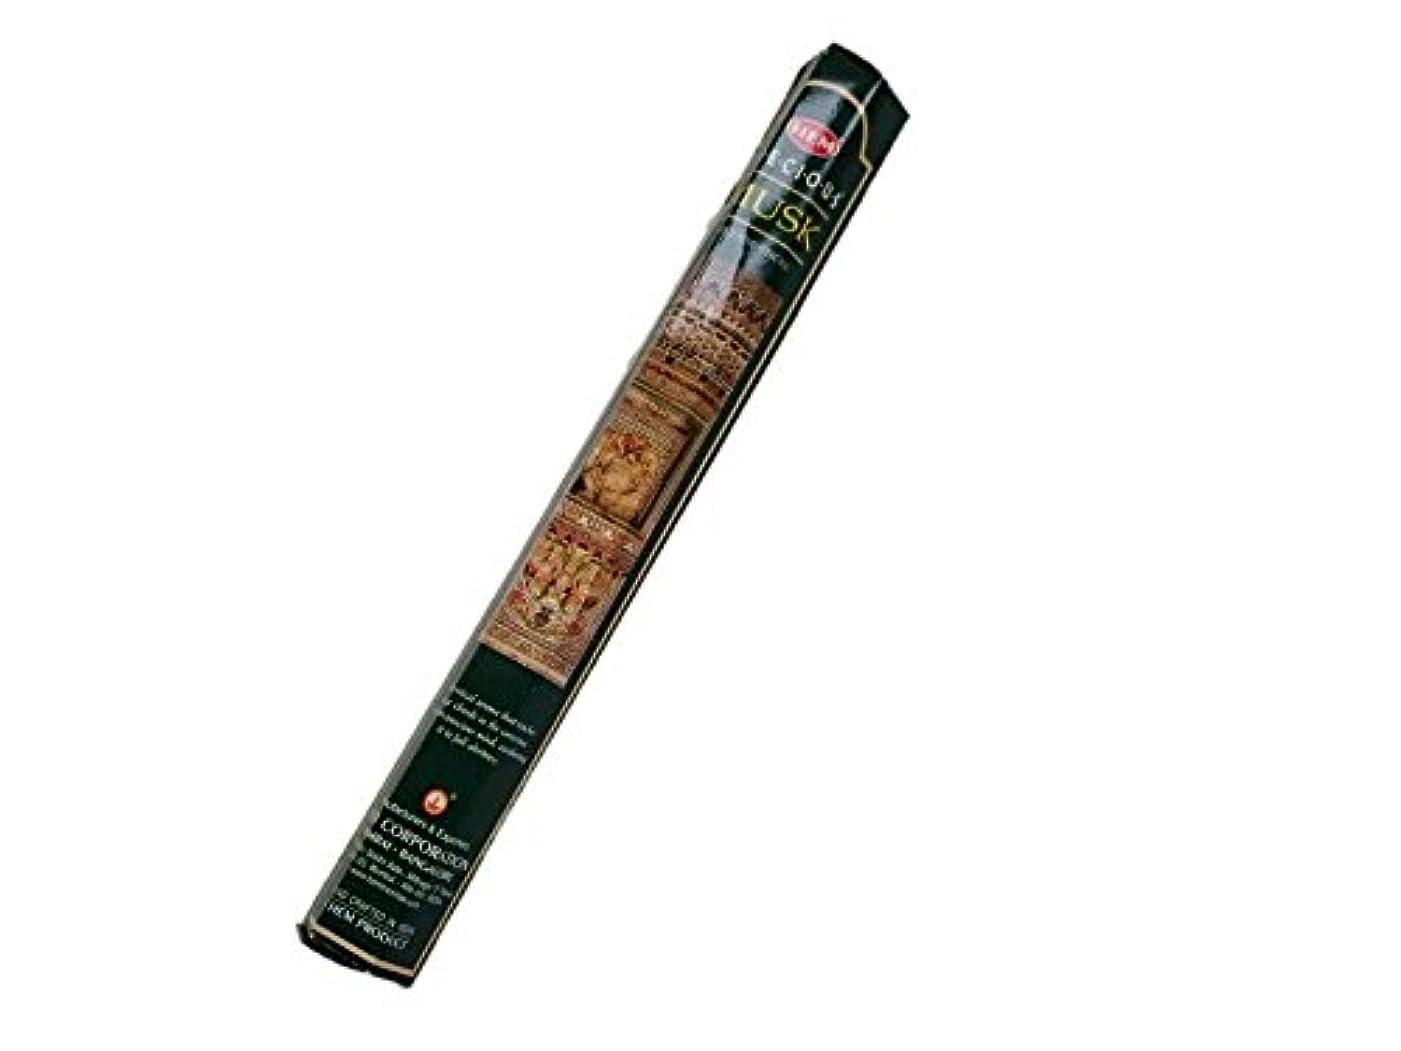 導入する不適切な打ち負かすHEM(ヘム)お香:プレシャスムスク スティックお香/インセンス/1箱